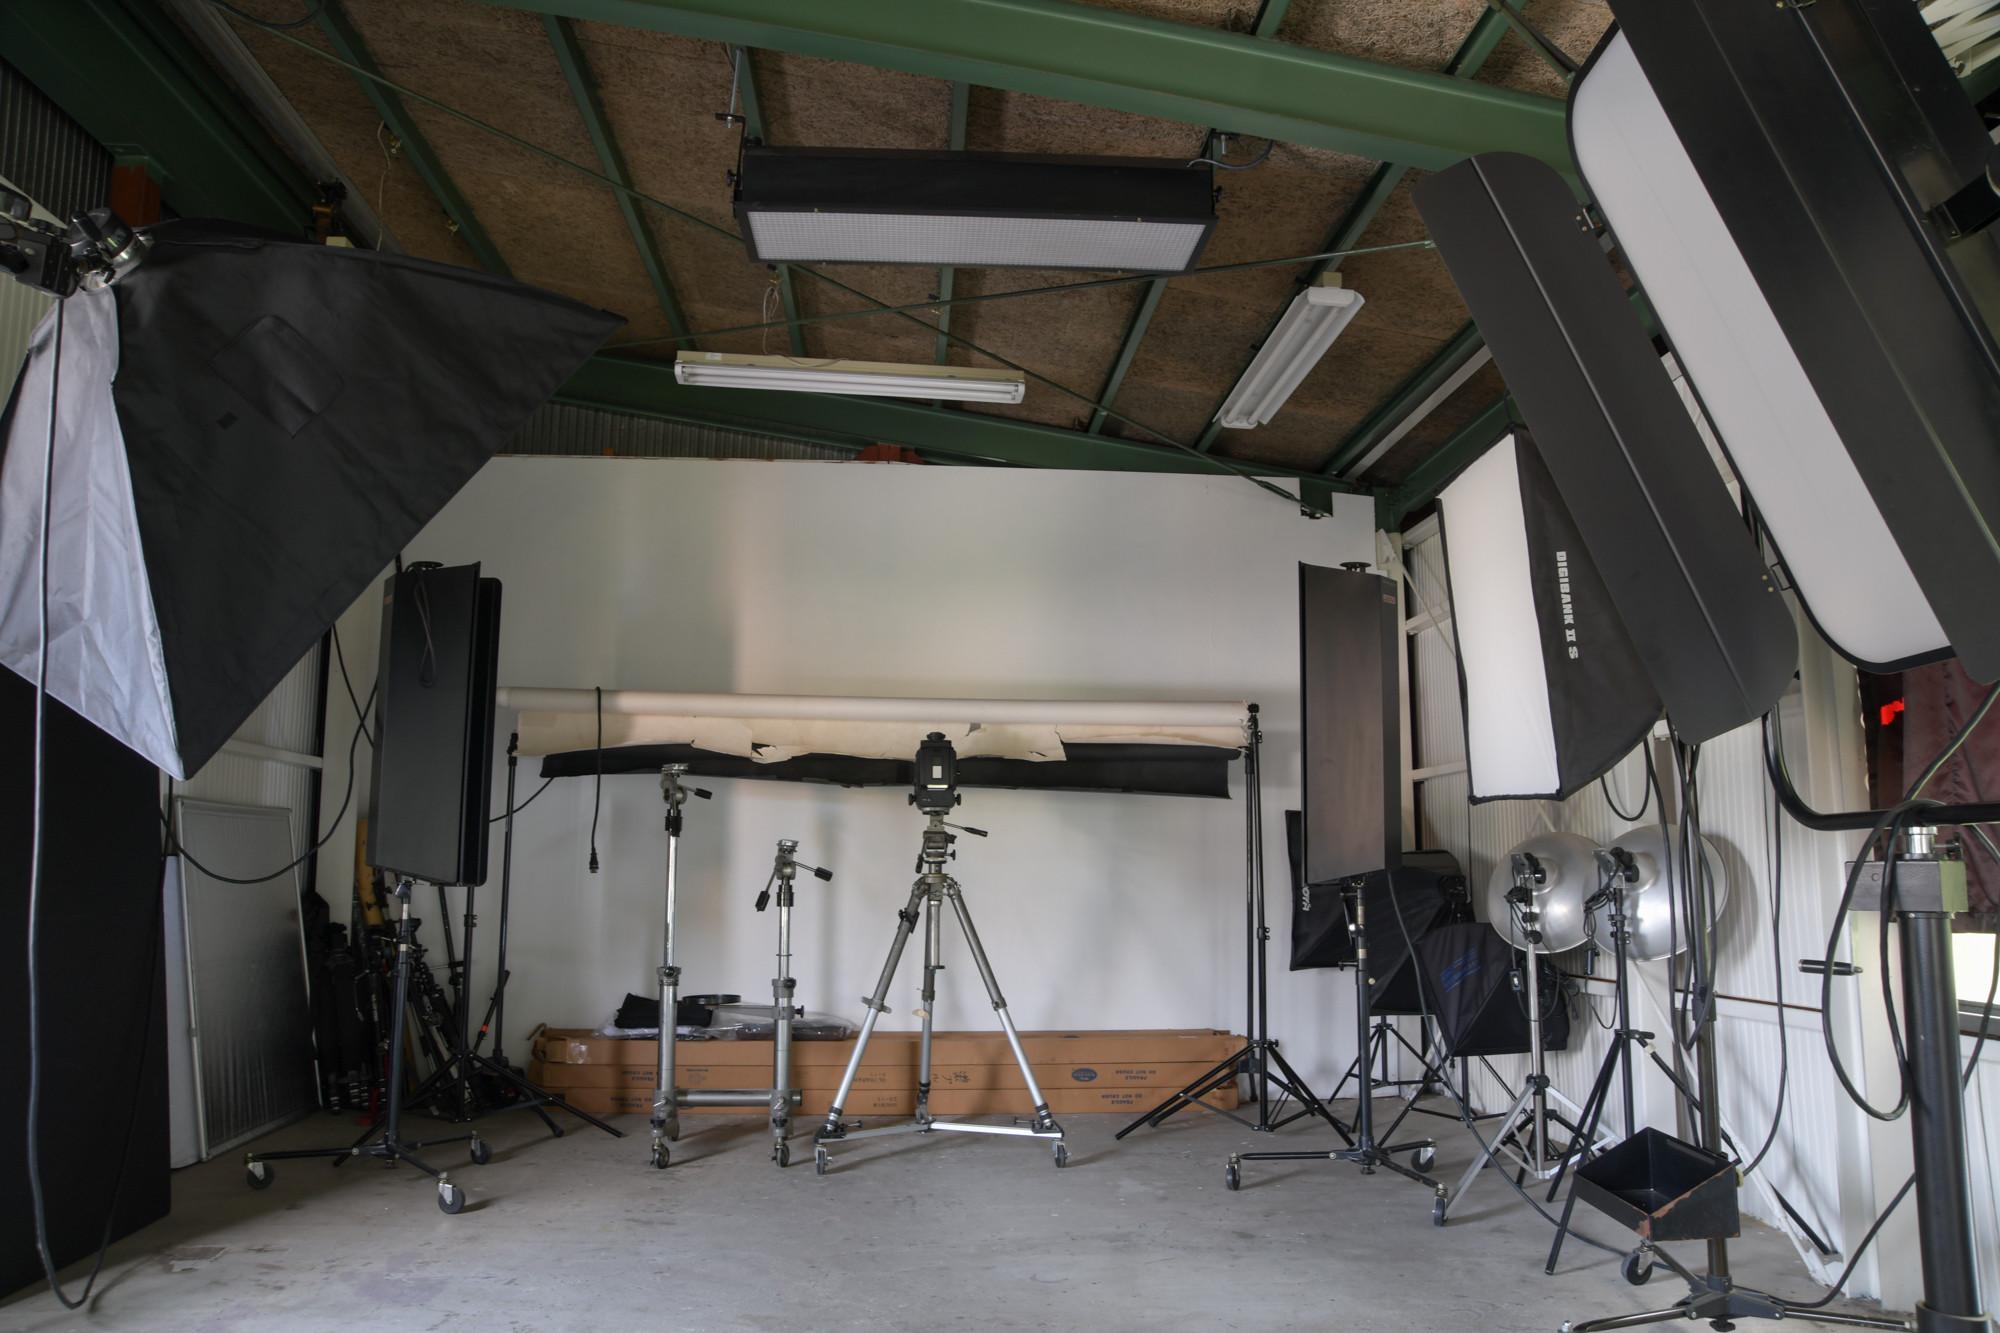 スタジオレンタル